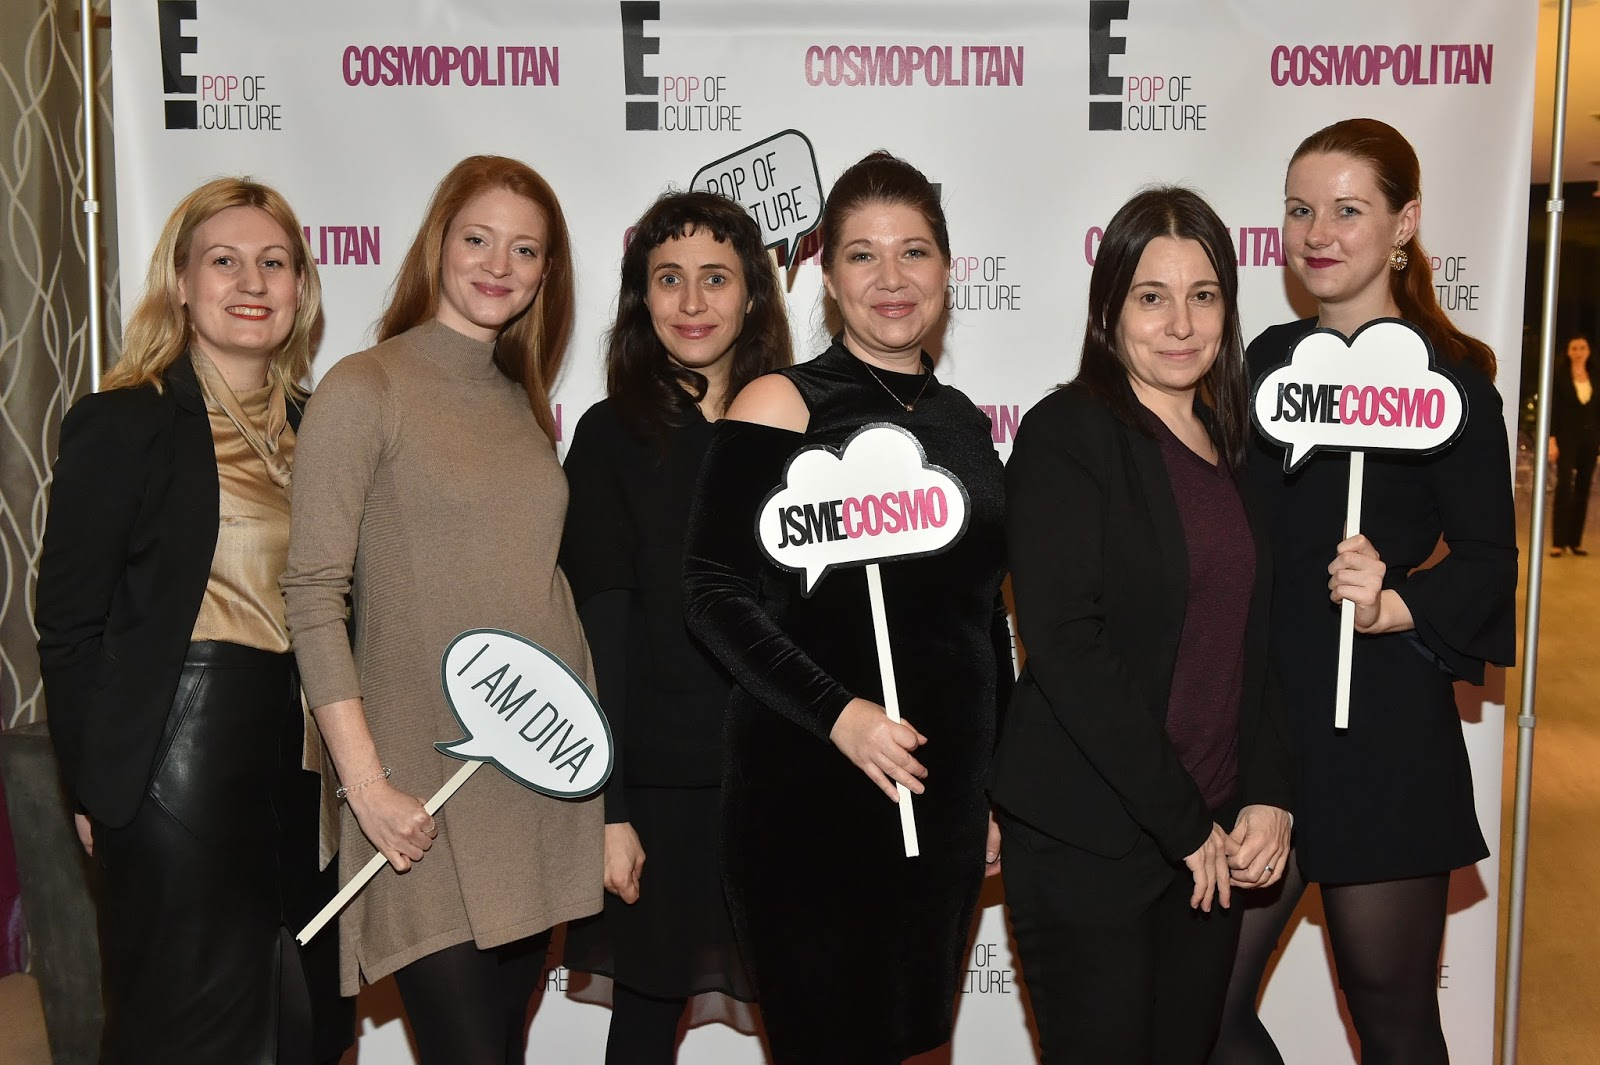 sabrina karasová, jsme cosmo, tým cosmopolitan, lucie srbová, česká blogerka, style without limits